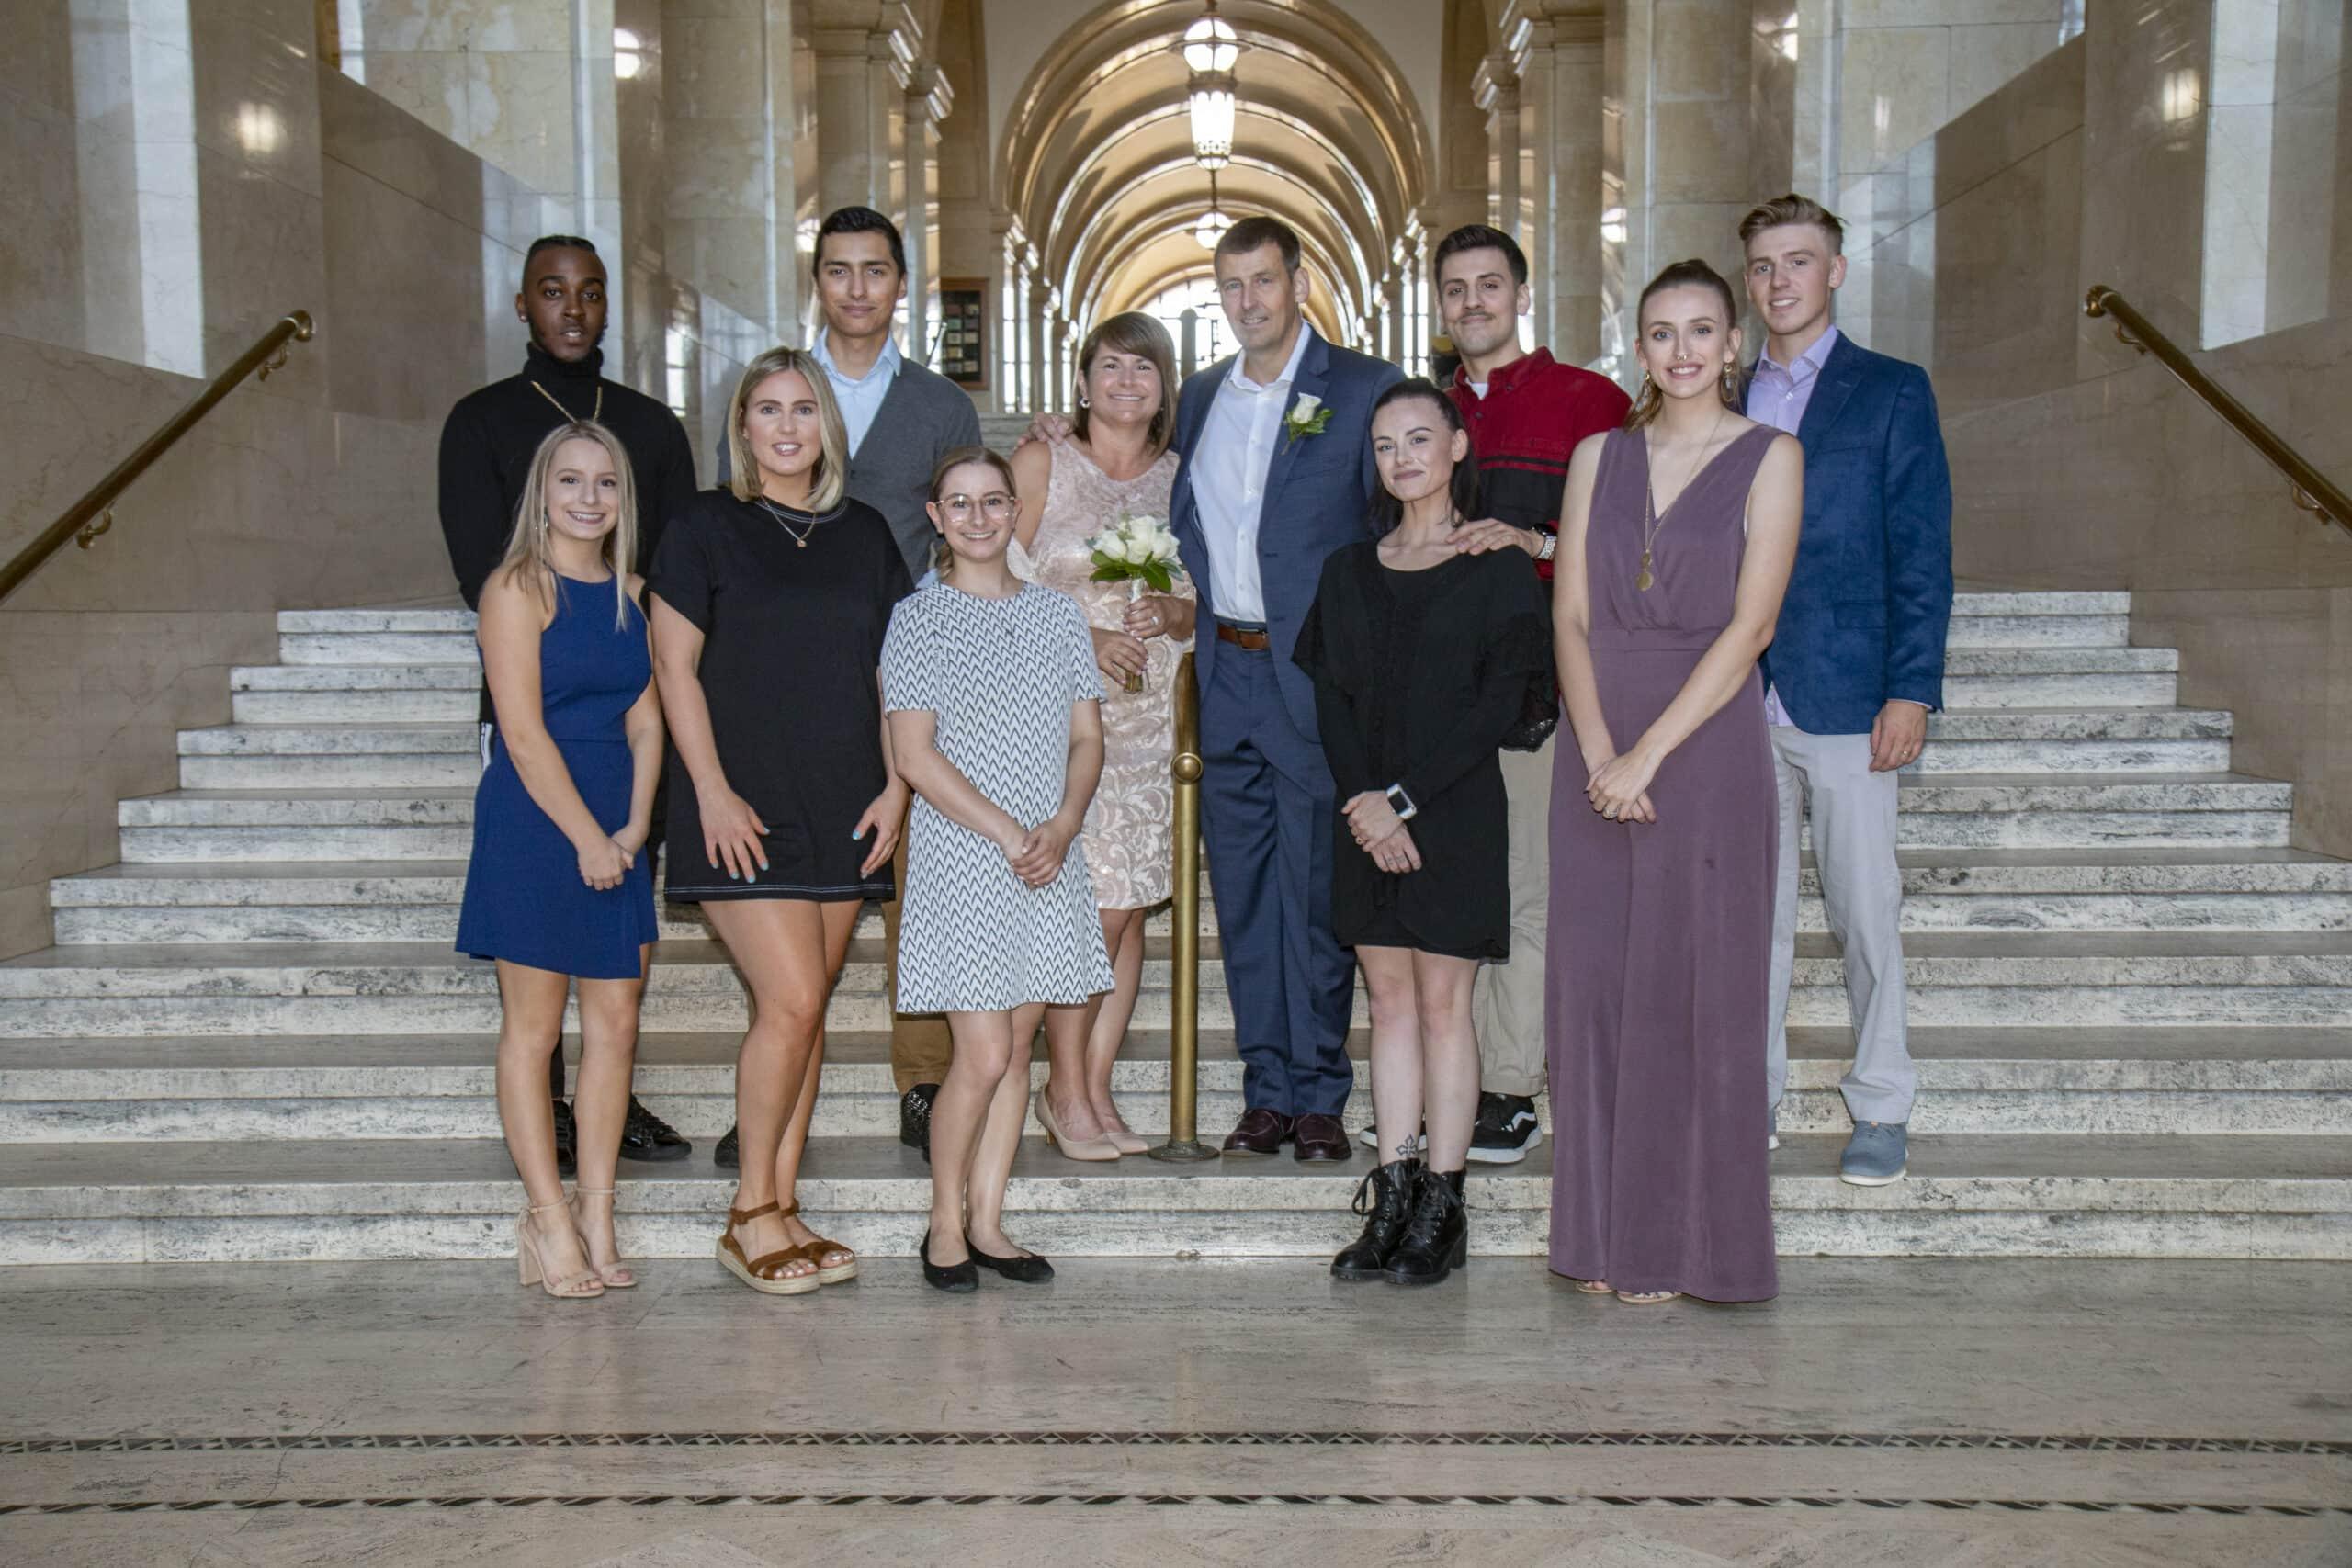 Courthouse Wedding Photographers Milwaukee WI